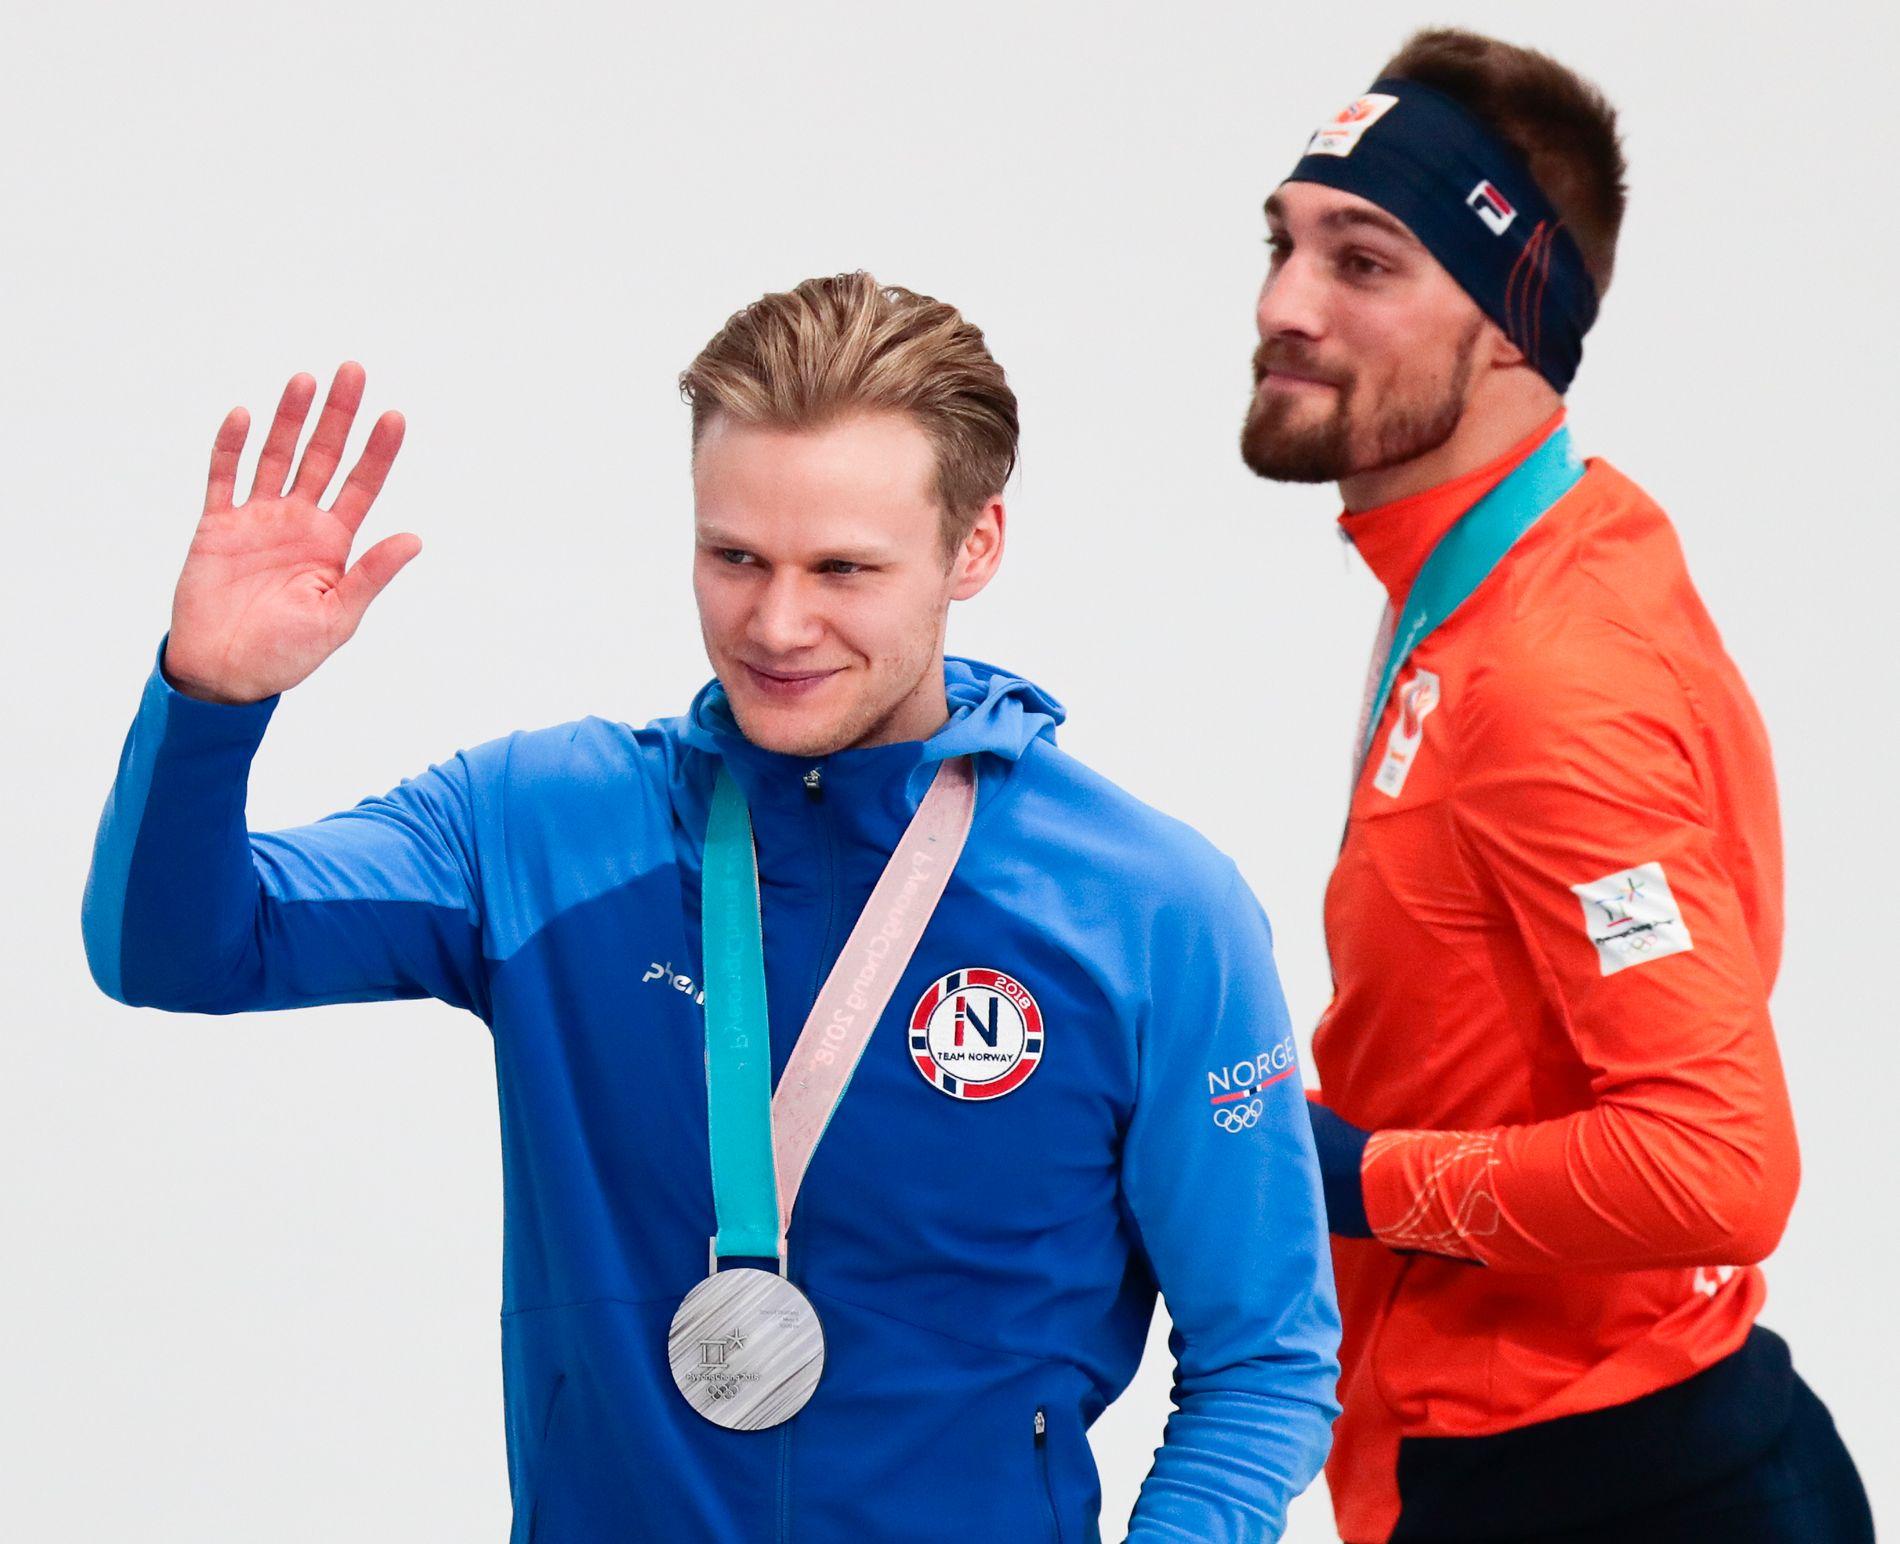 EM-FAVORITTER: Håvard Lorentzen vant OL-sølvmedaljen bak Nederlands Kjeld Nuis på 1000 meter i OL i februar i fjor. Nå er de favoritter til å ta sammenlagtgull i sprint-EM i Italia 11. til 13. januar.